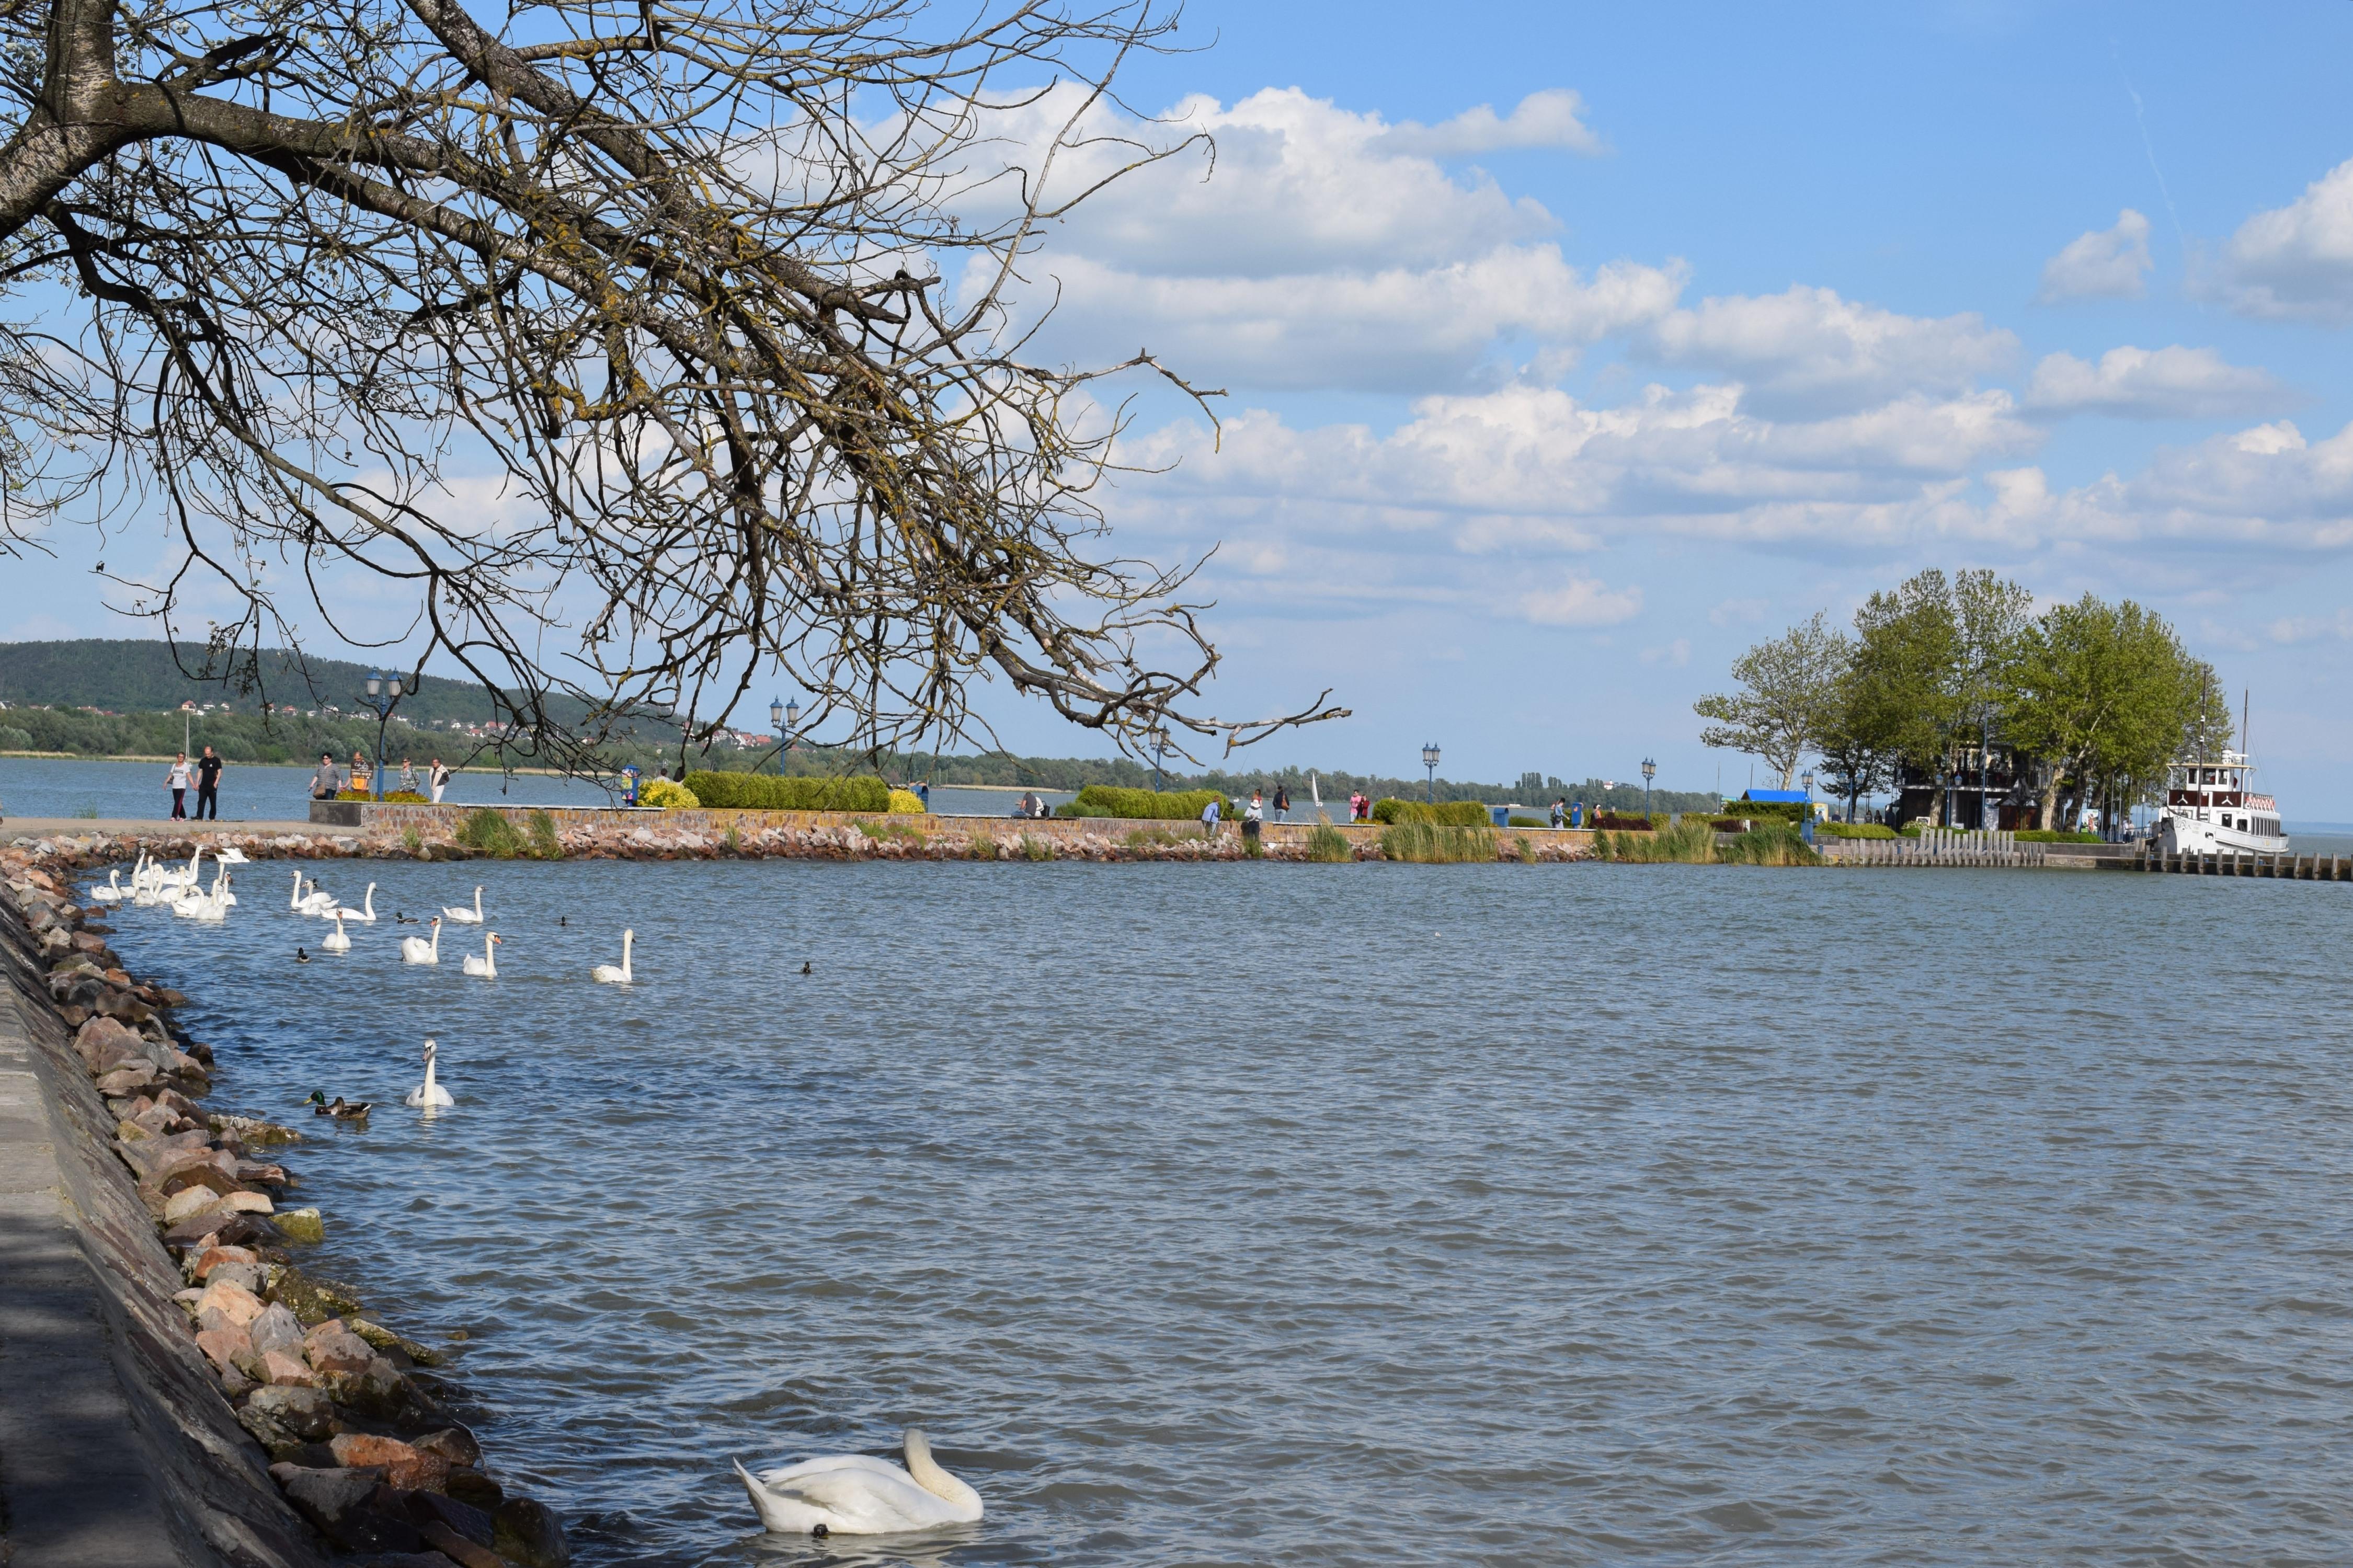 A Balaton part közelében rengeteg hattyú és kacsa úszkál, hátha megeteti őket valaki. (Mivel lehet venni madáretető-eledelt szokták is :D.)